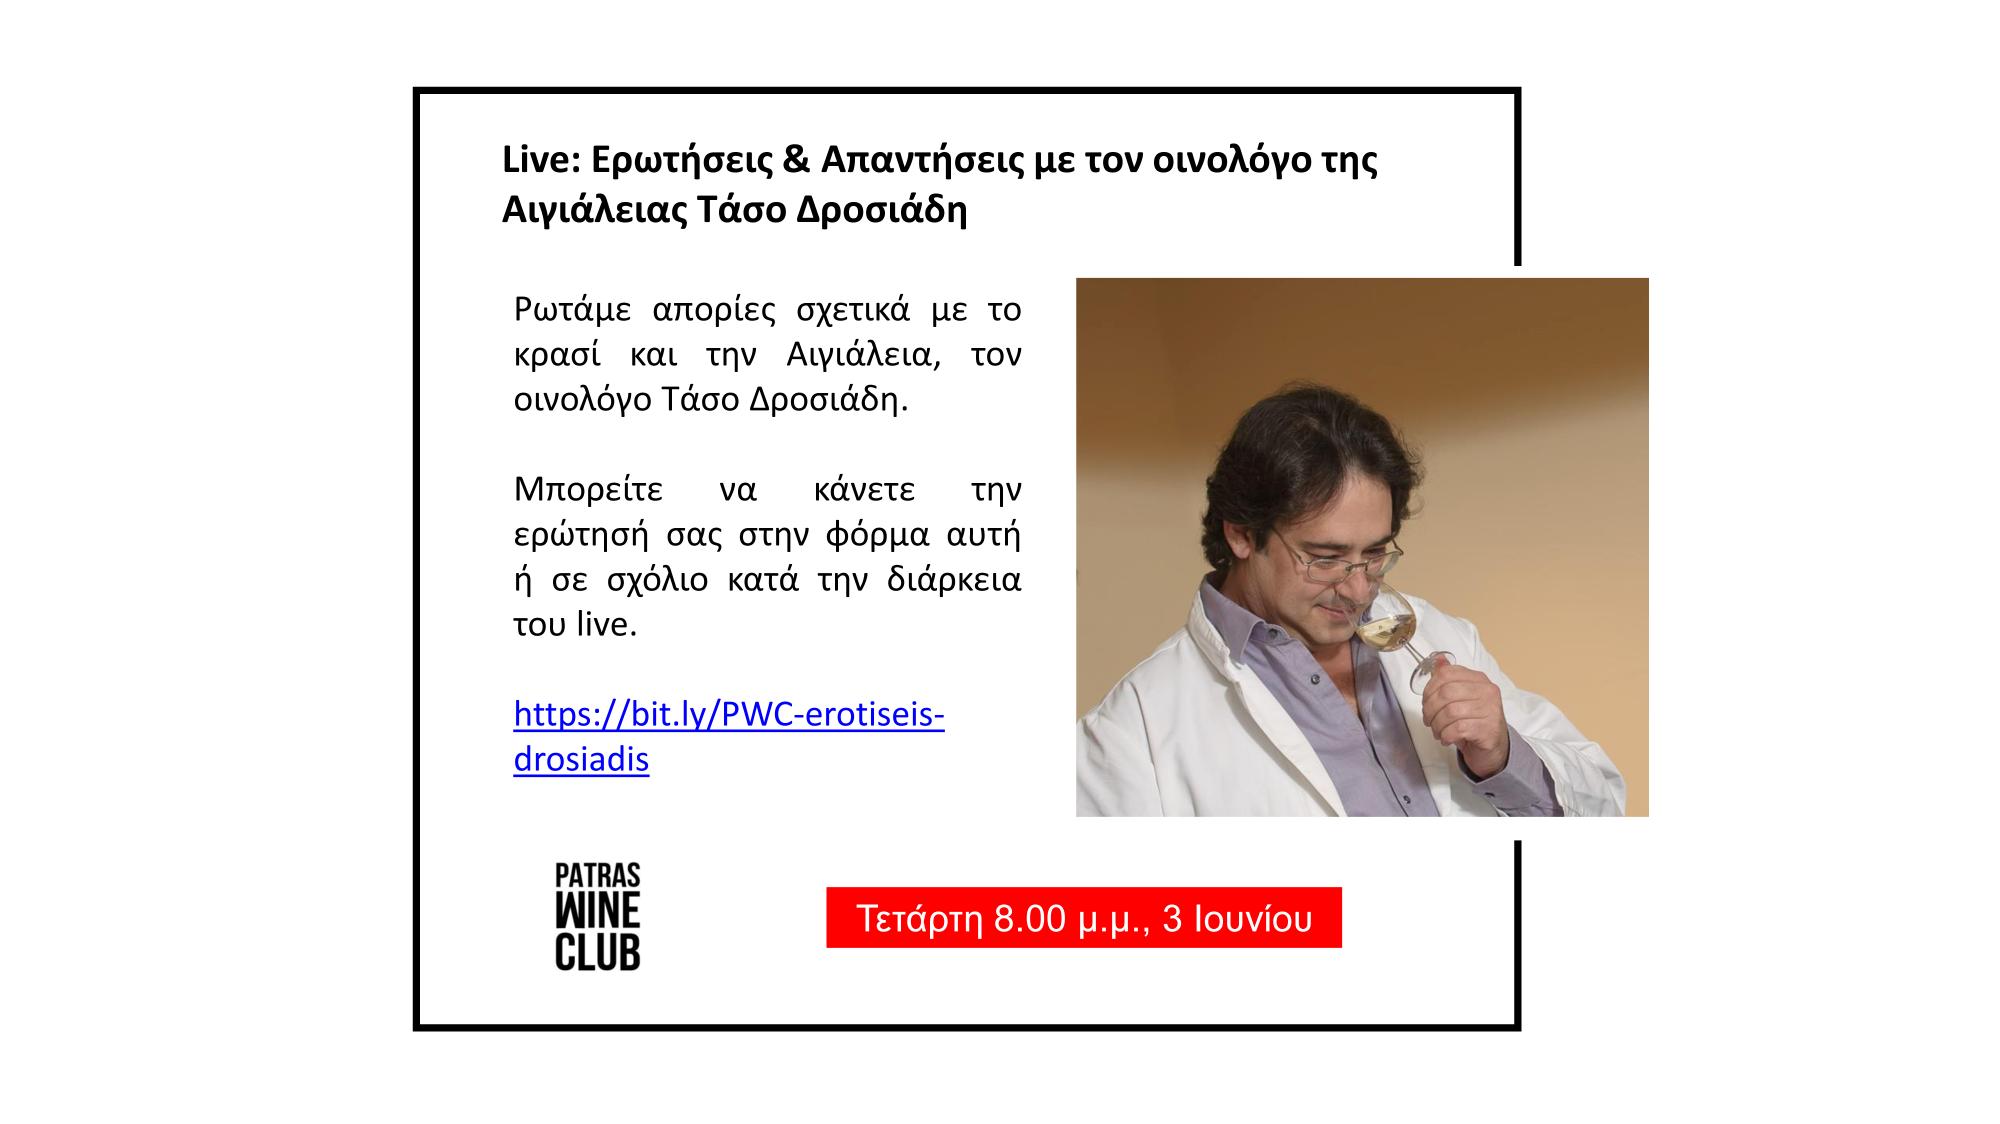 Live: Ερωτήσεις & Απαντήσεις με τον οινολόγο της Αιγιάλειας Τάσο Δροσιάδη